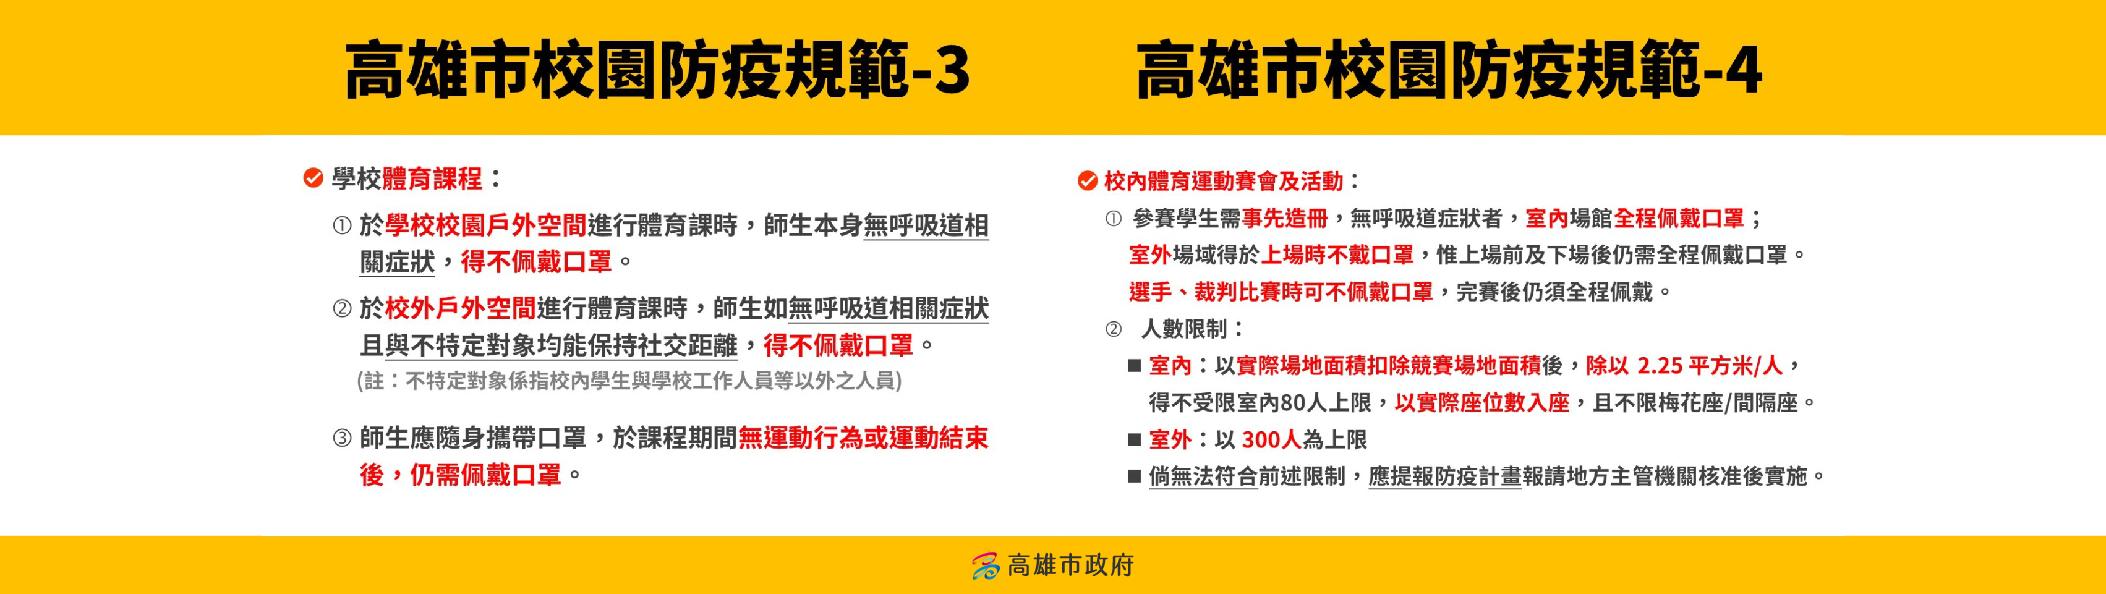 校園防疫規範34